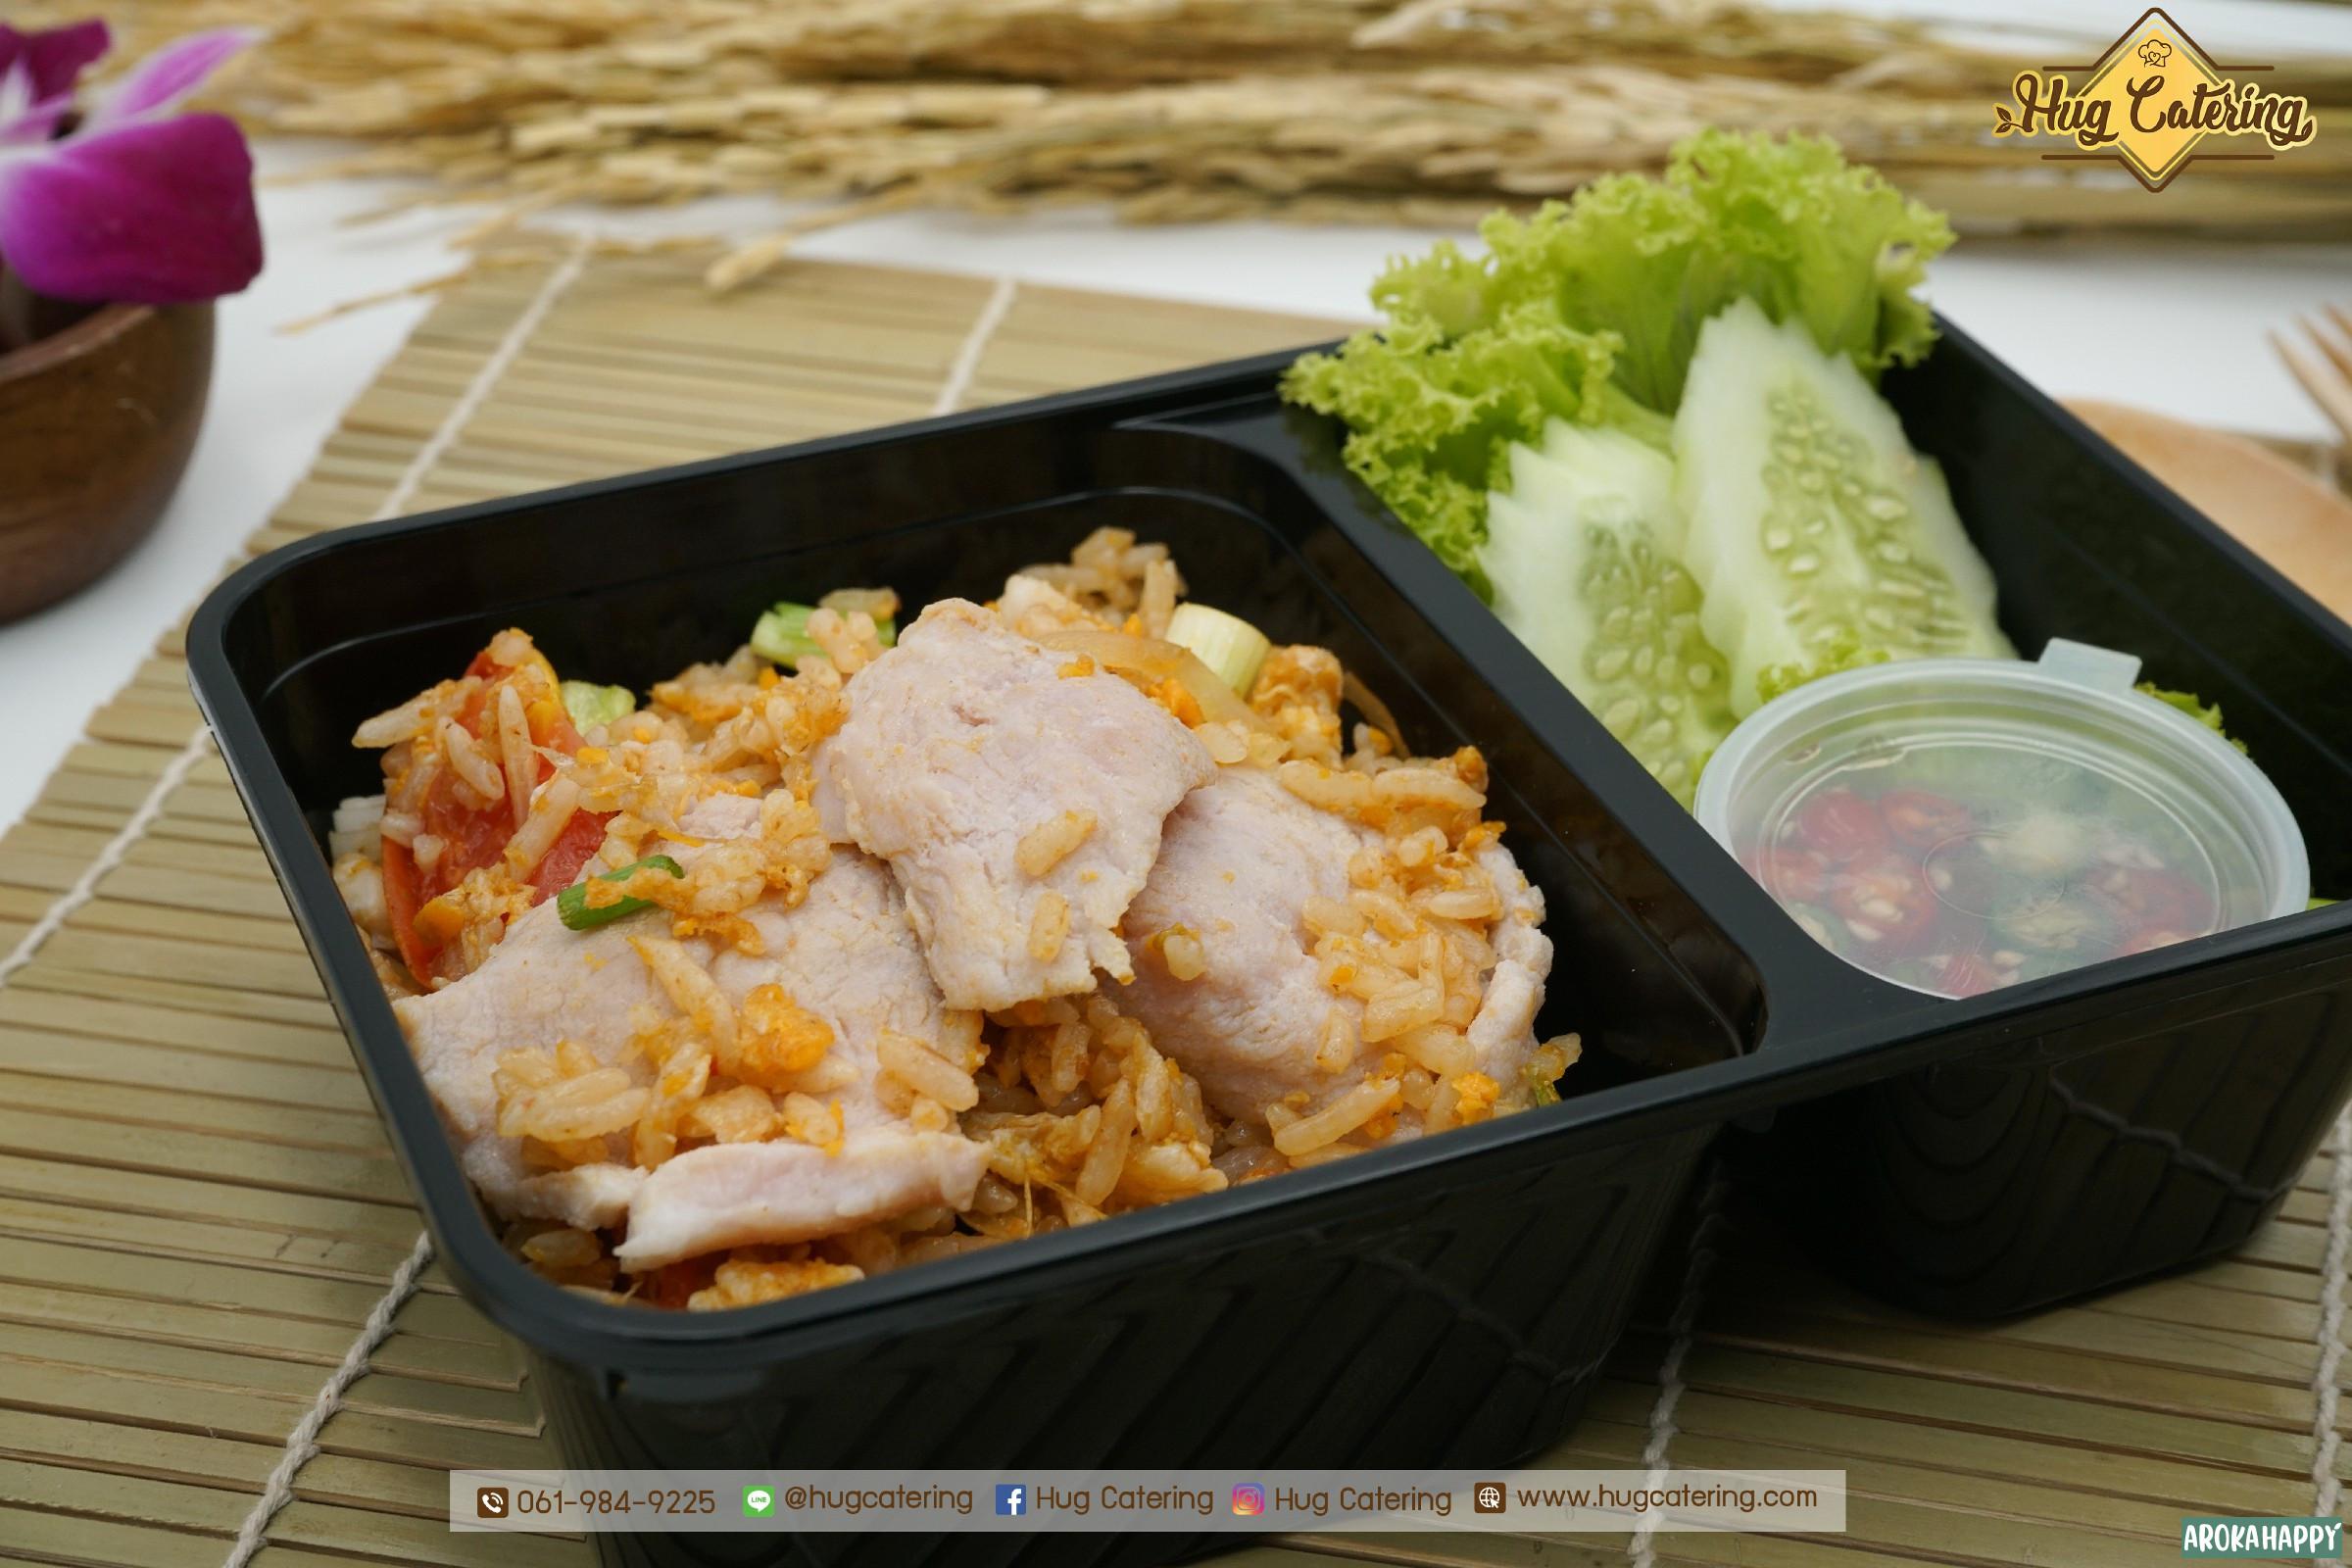 7 เมนูอาหารกล่องยอดนิยม ของ Hug Catering